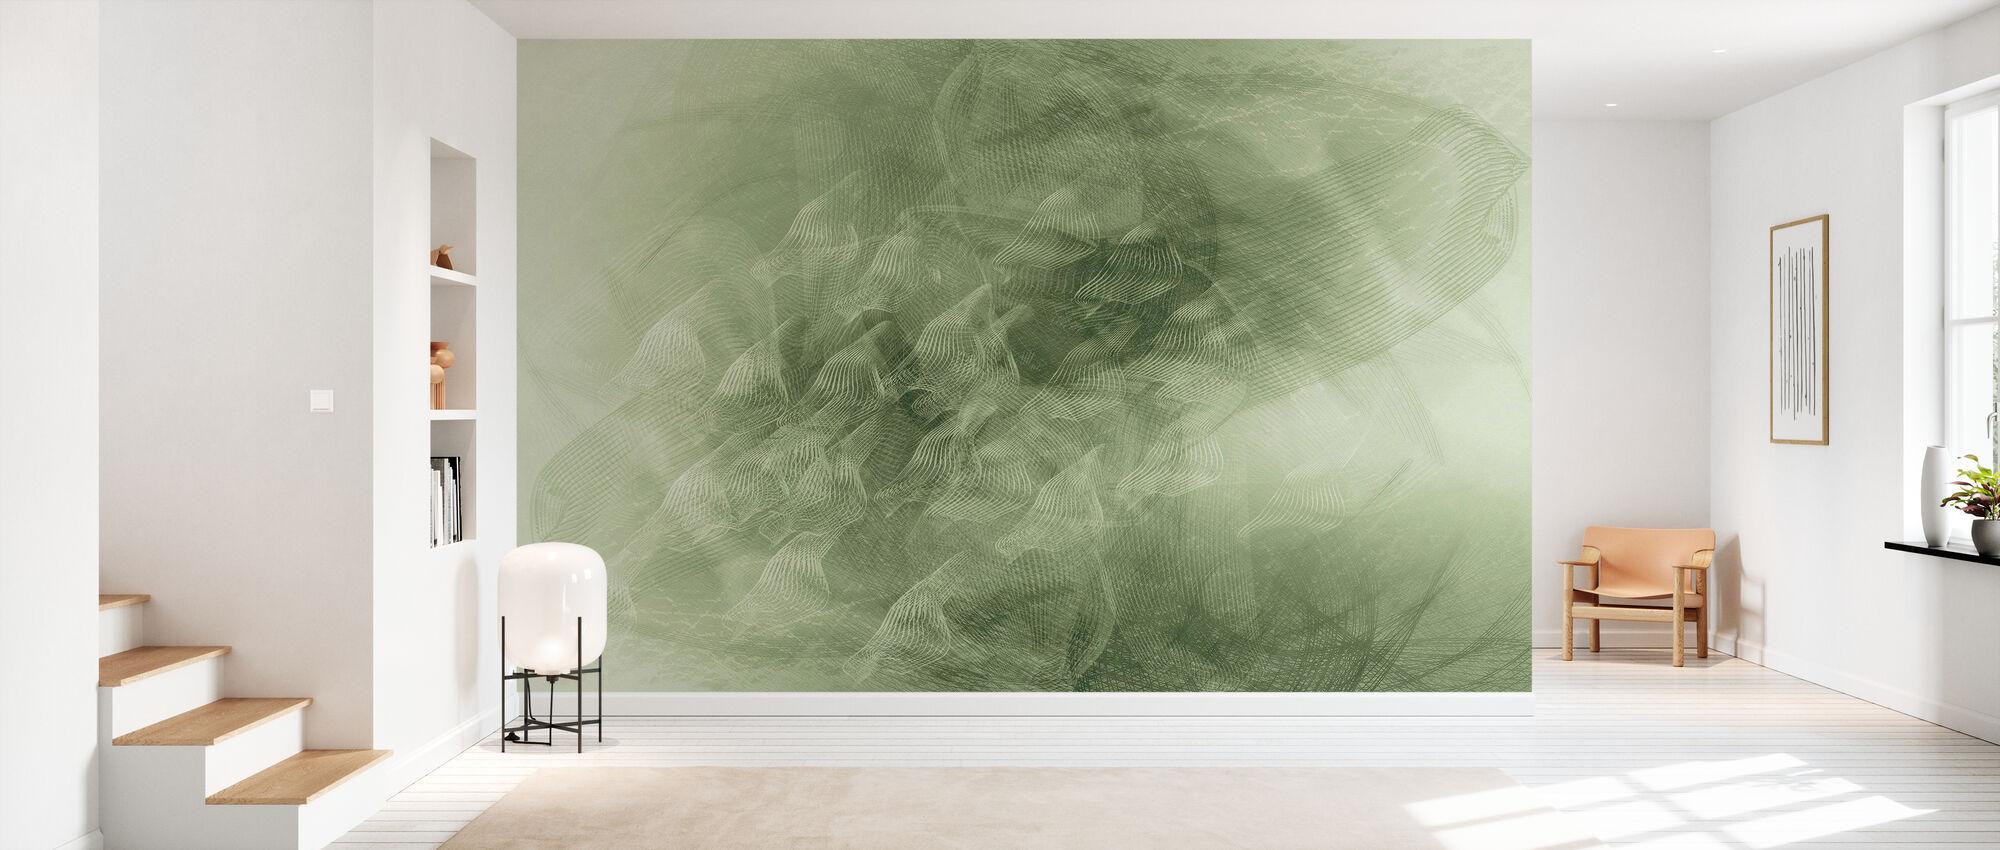 Flowing Lines - Green - Wallpaper - Hallway